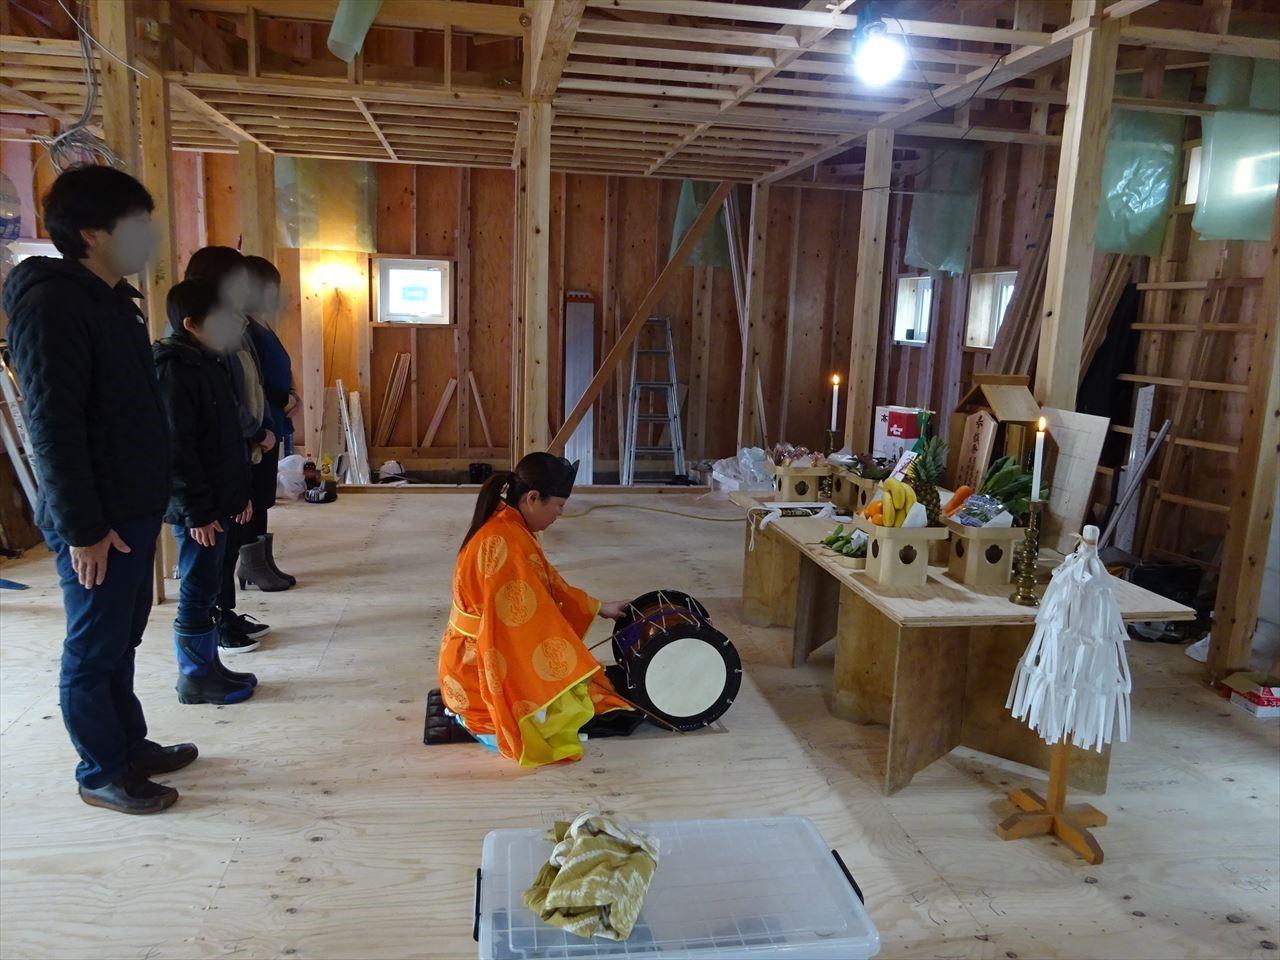 田沢湖の家 上棟式を執り行いました!_f0105112_16200736.jpg